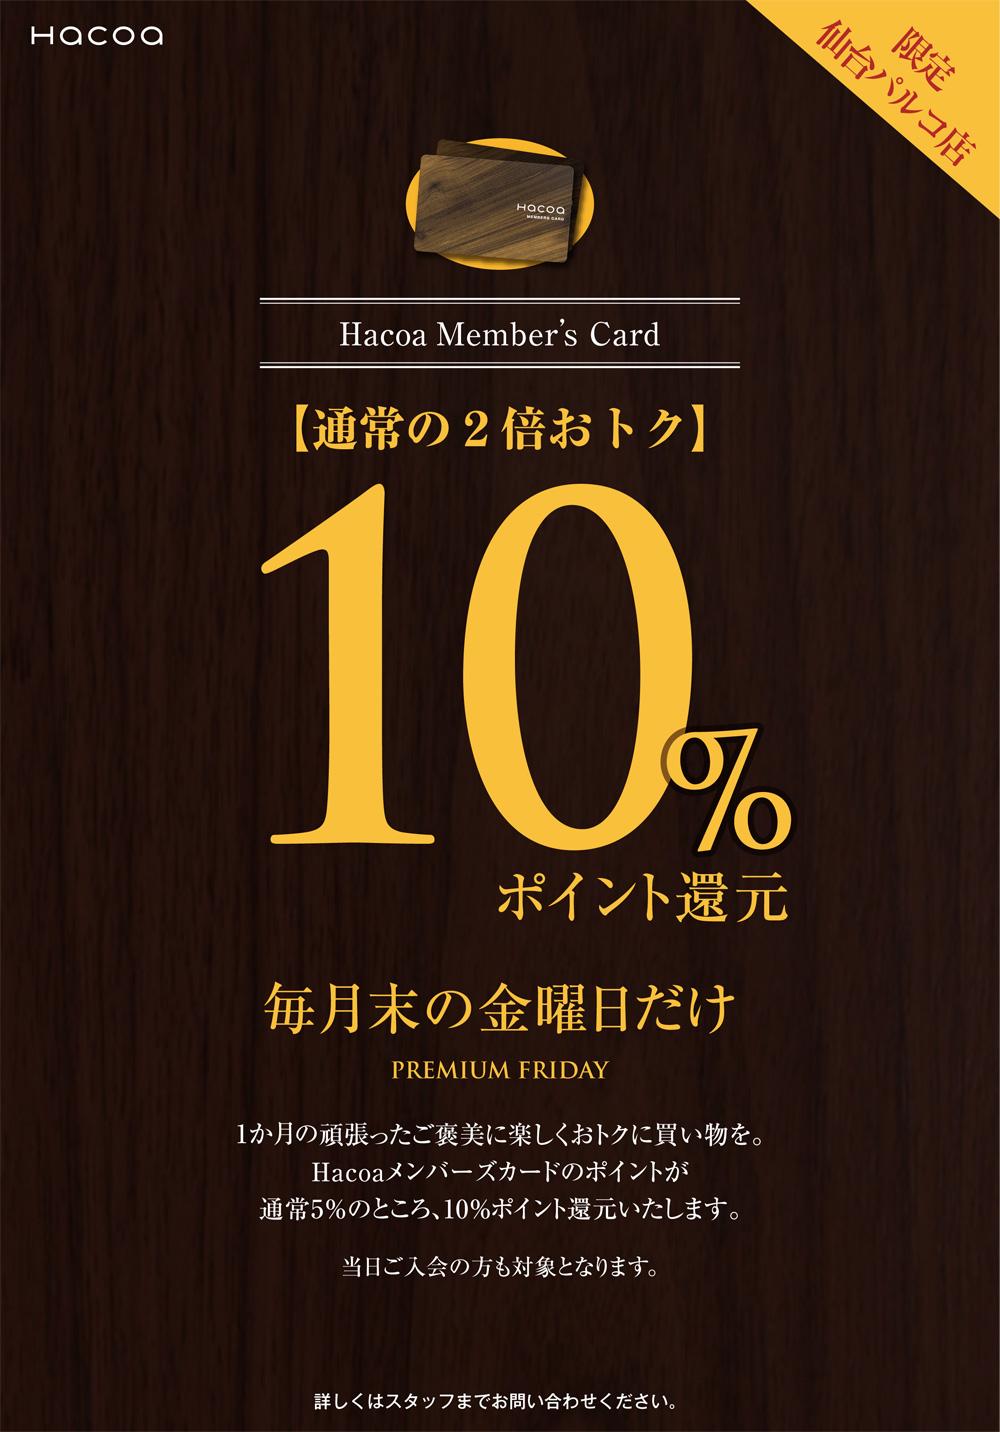 【仙台パルコ店】毎月最終金曜日はポイント10%還元!